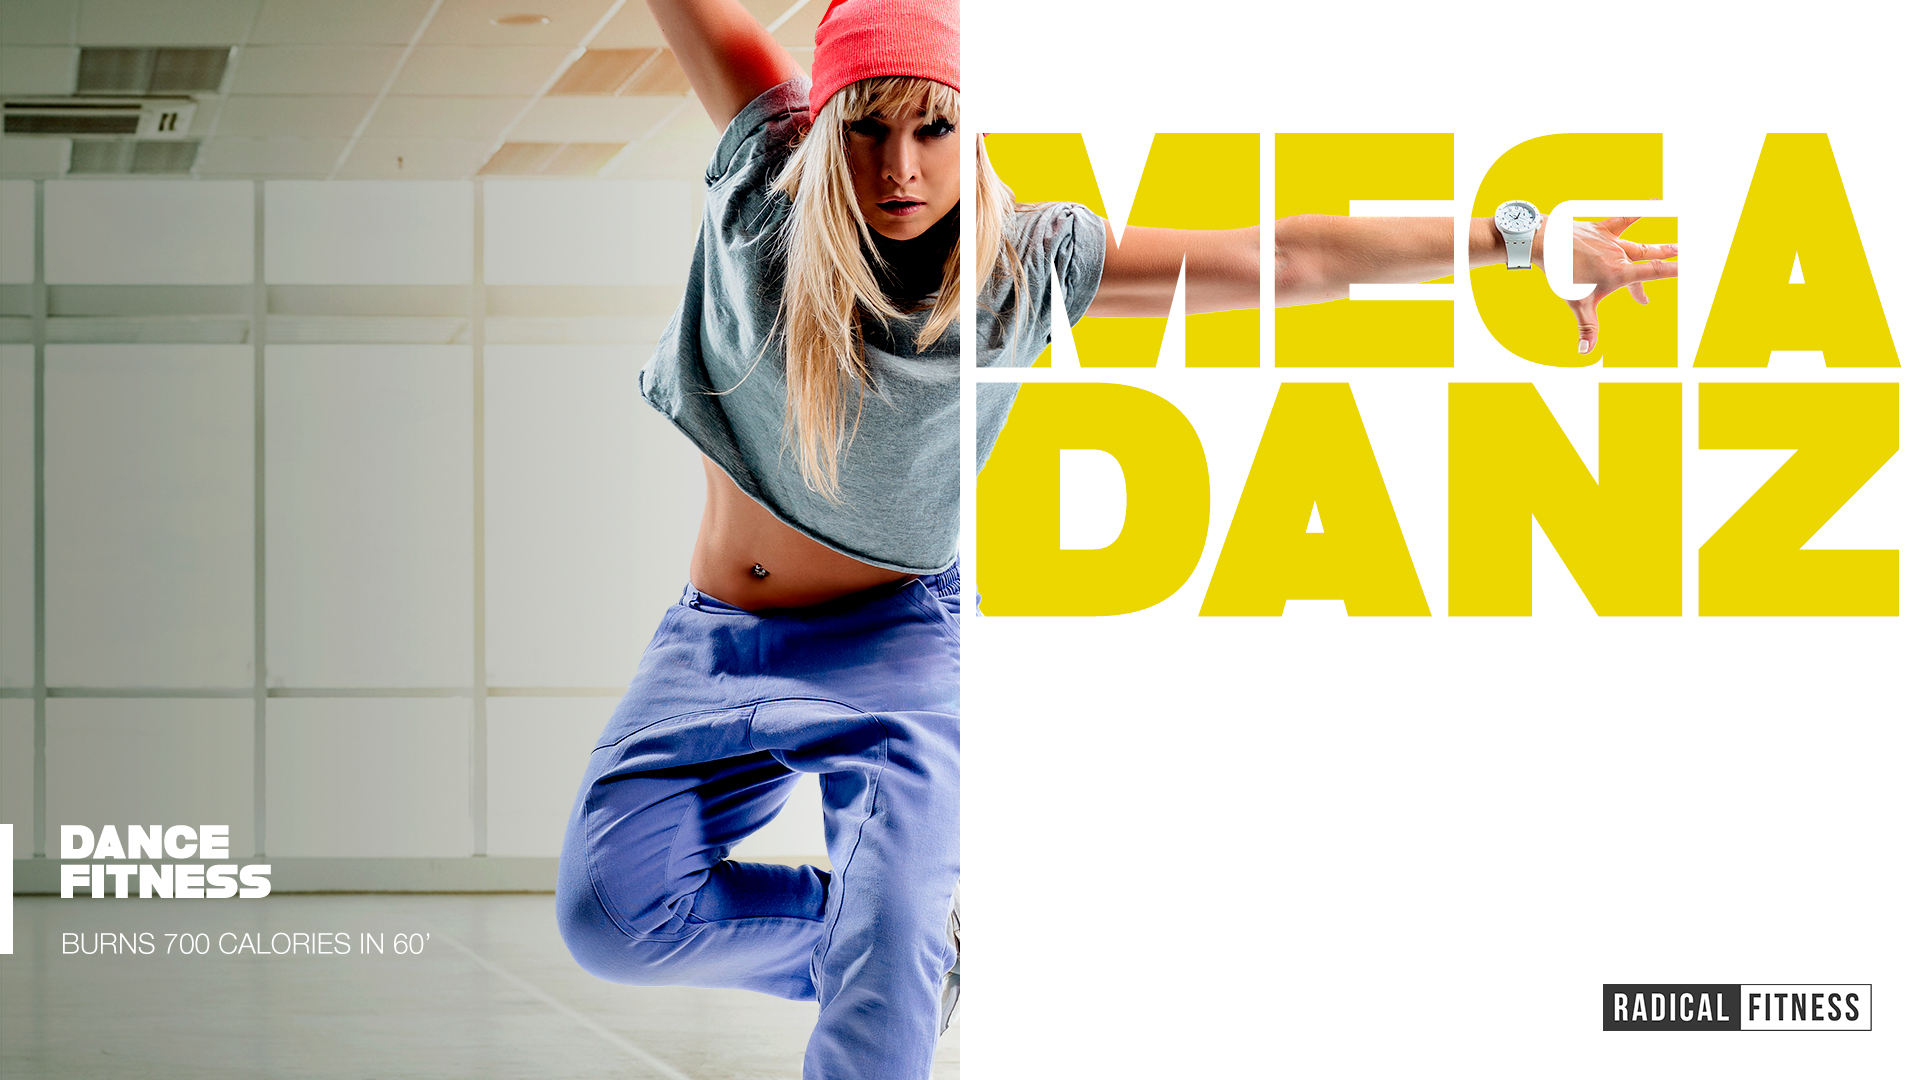 メガダンス MEGA DANZ ダンスはもっと自由でいい!